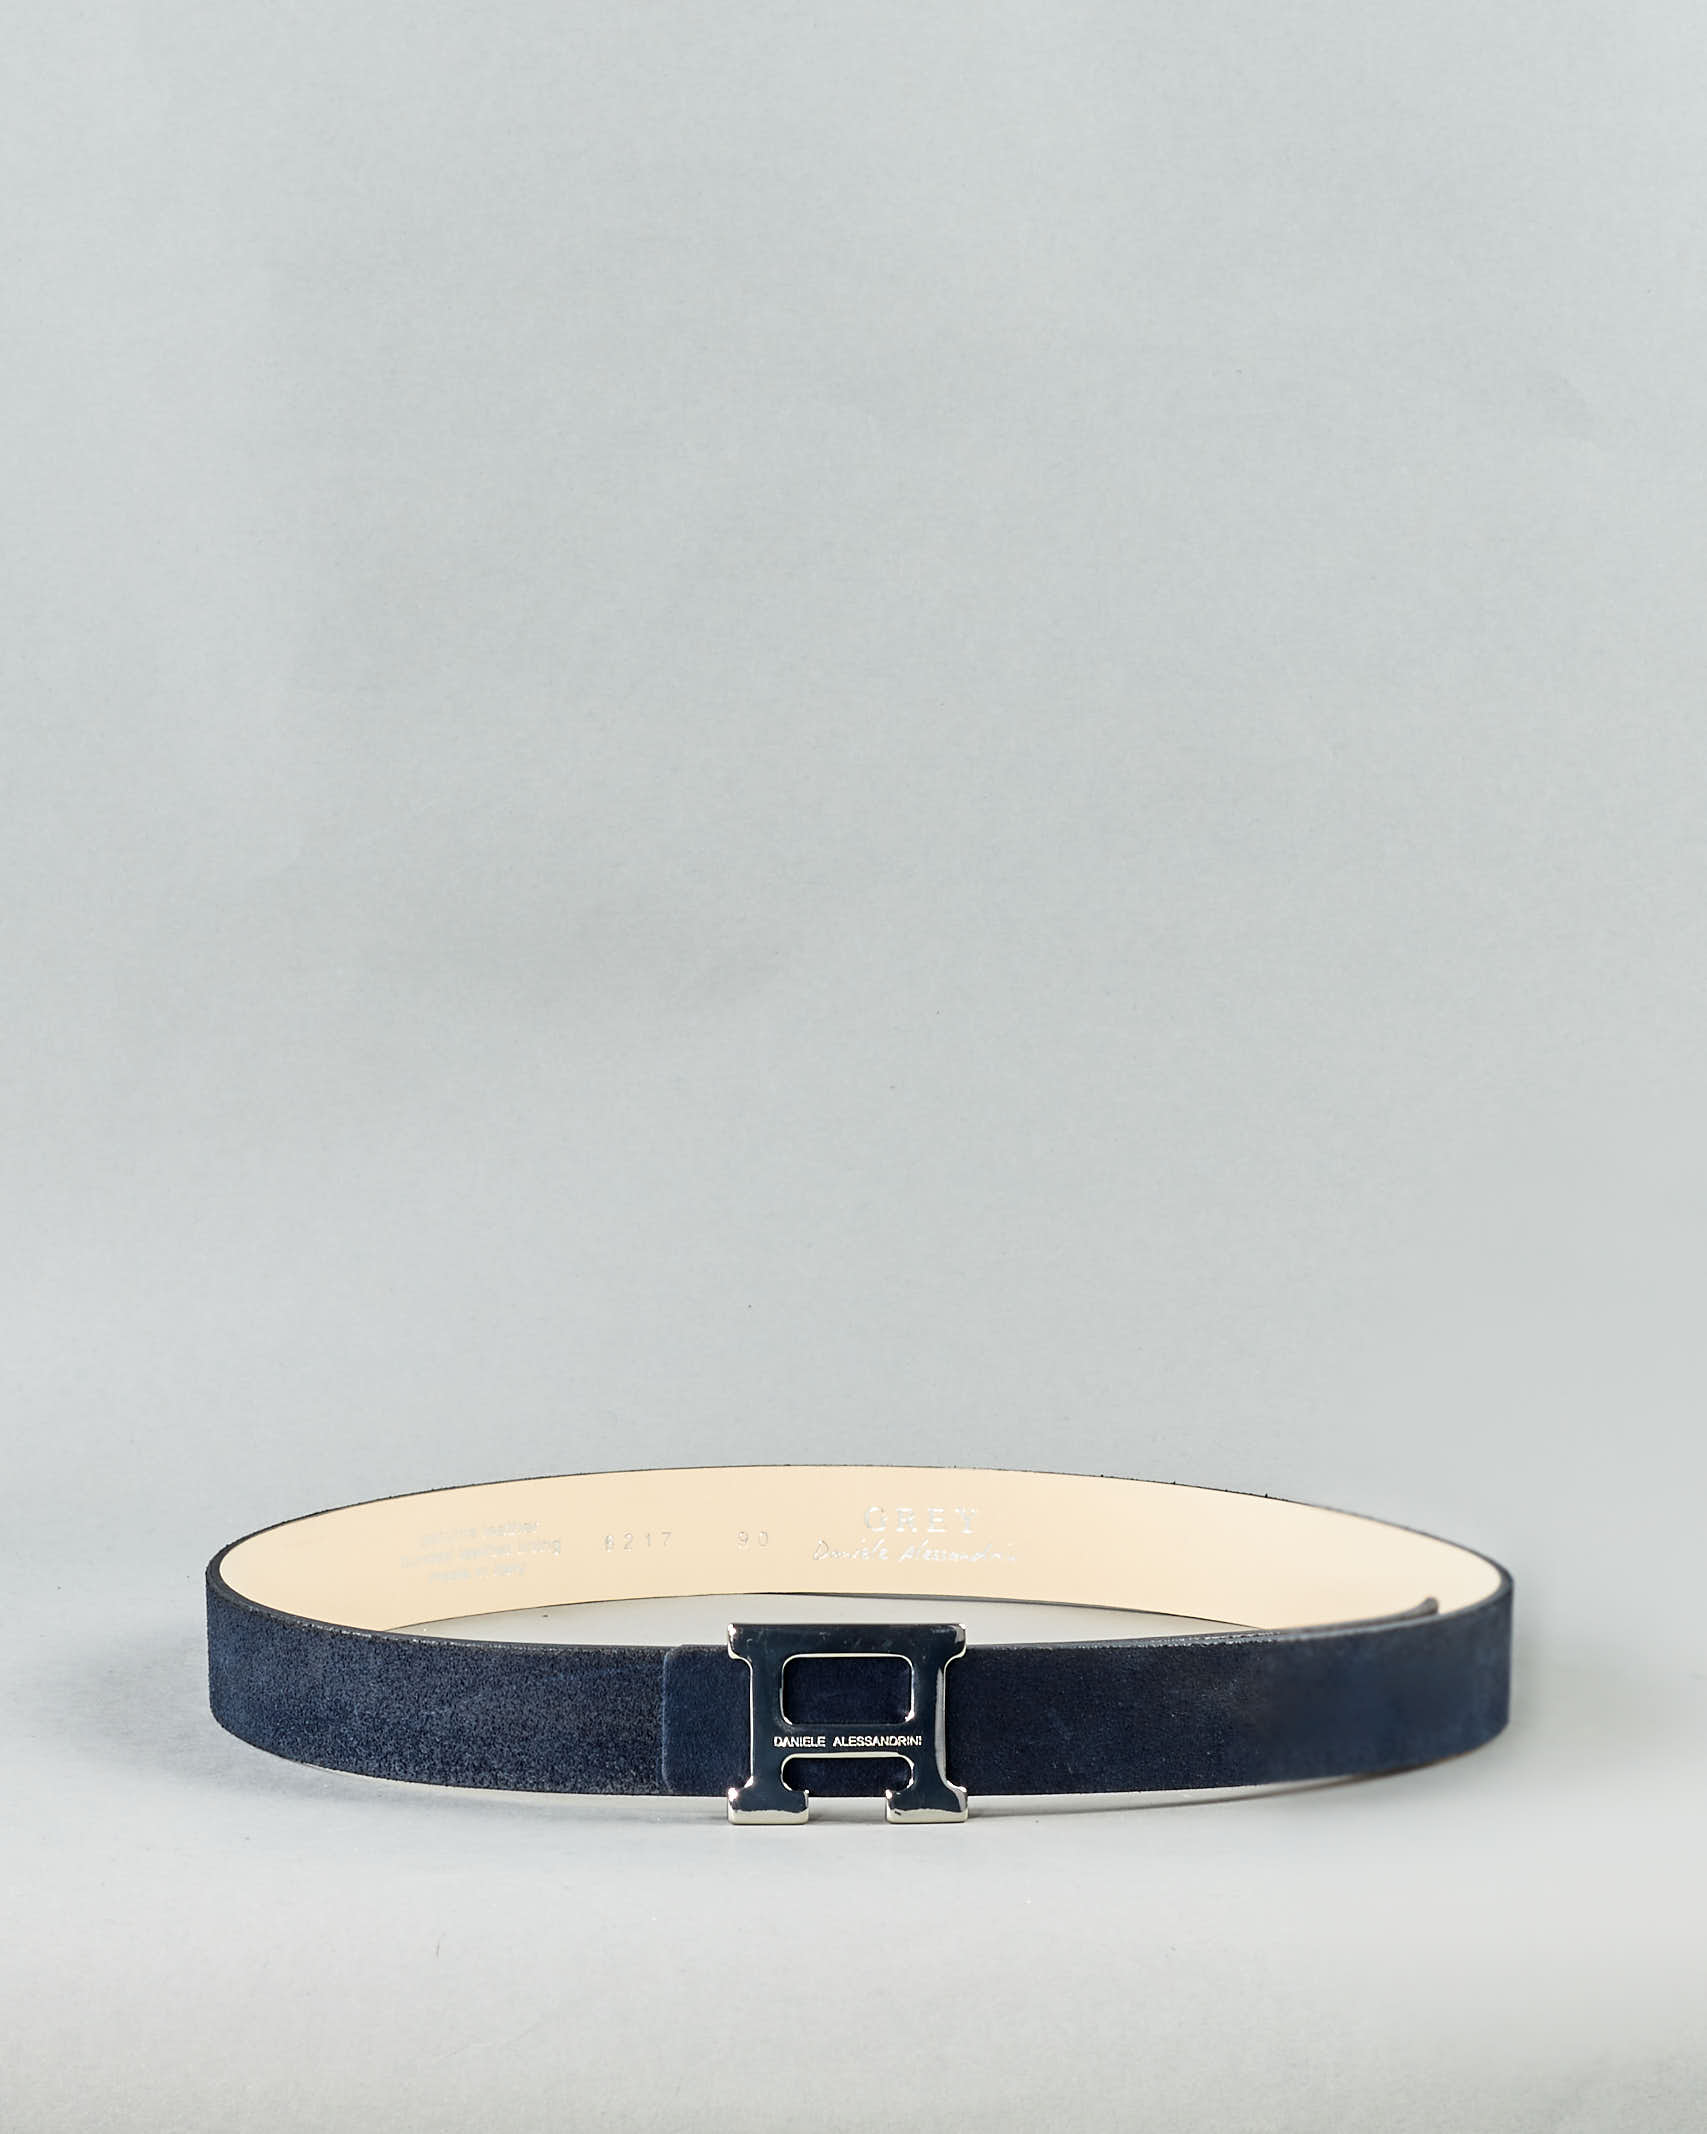 Cintura con logo in pelle scamosciata Daniele Alessandrini DANIELE ALESSANDRINI | Cintura | NL6217A423